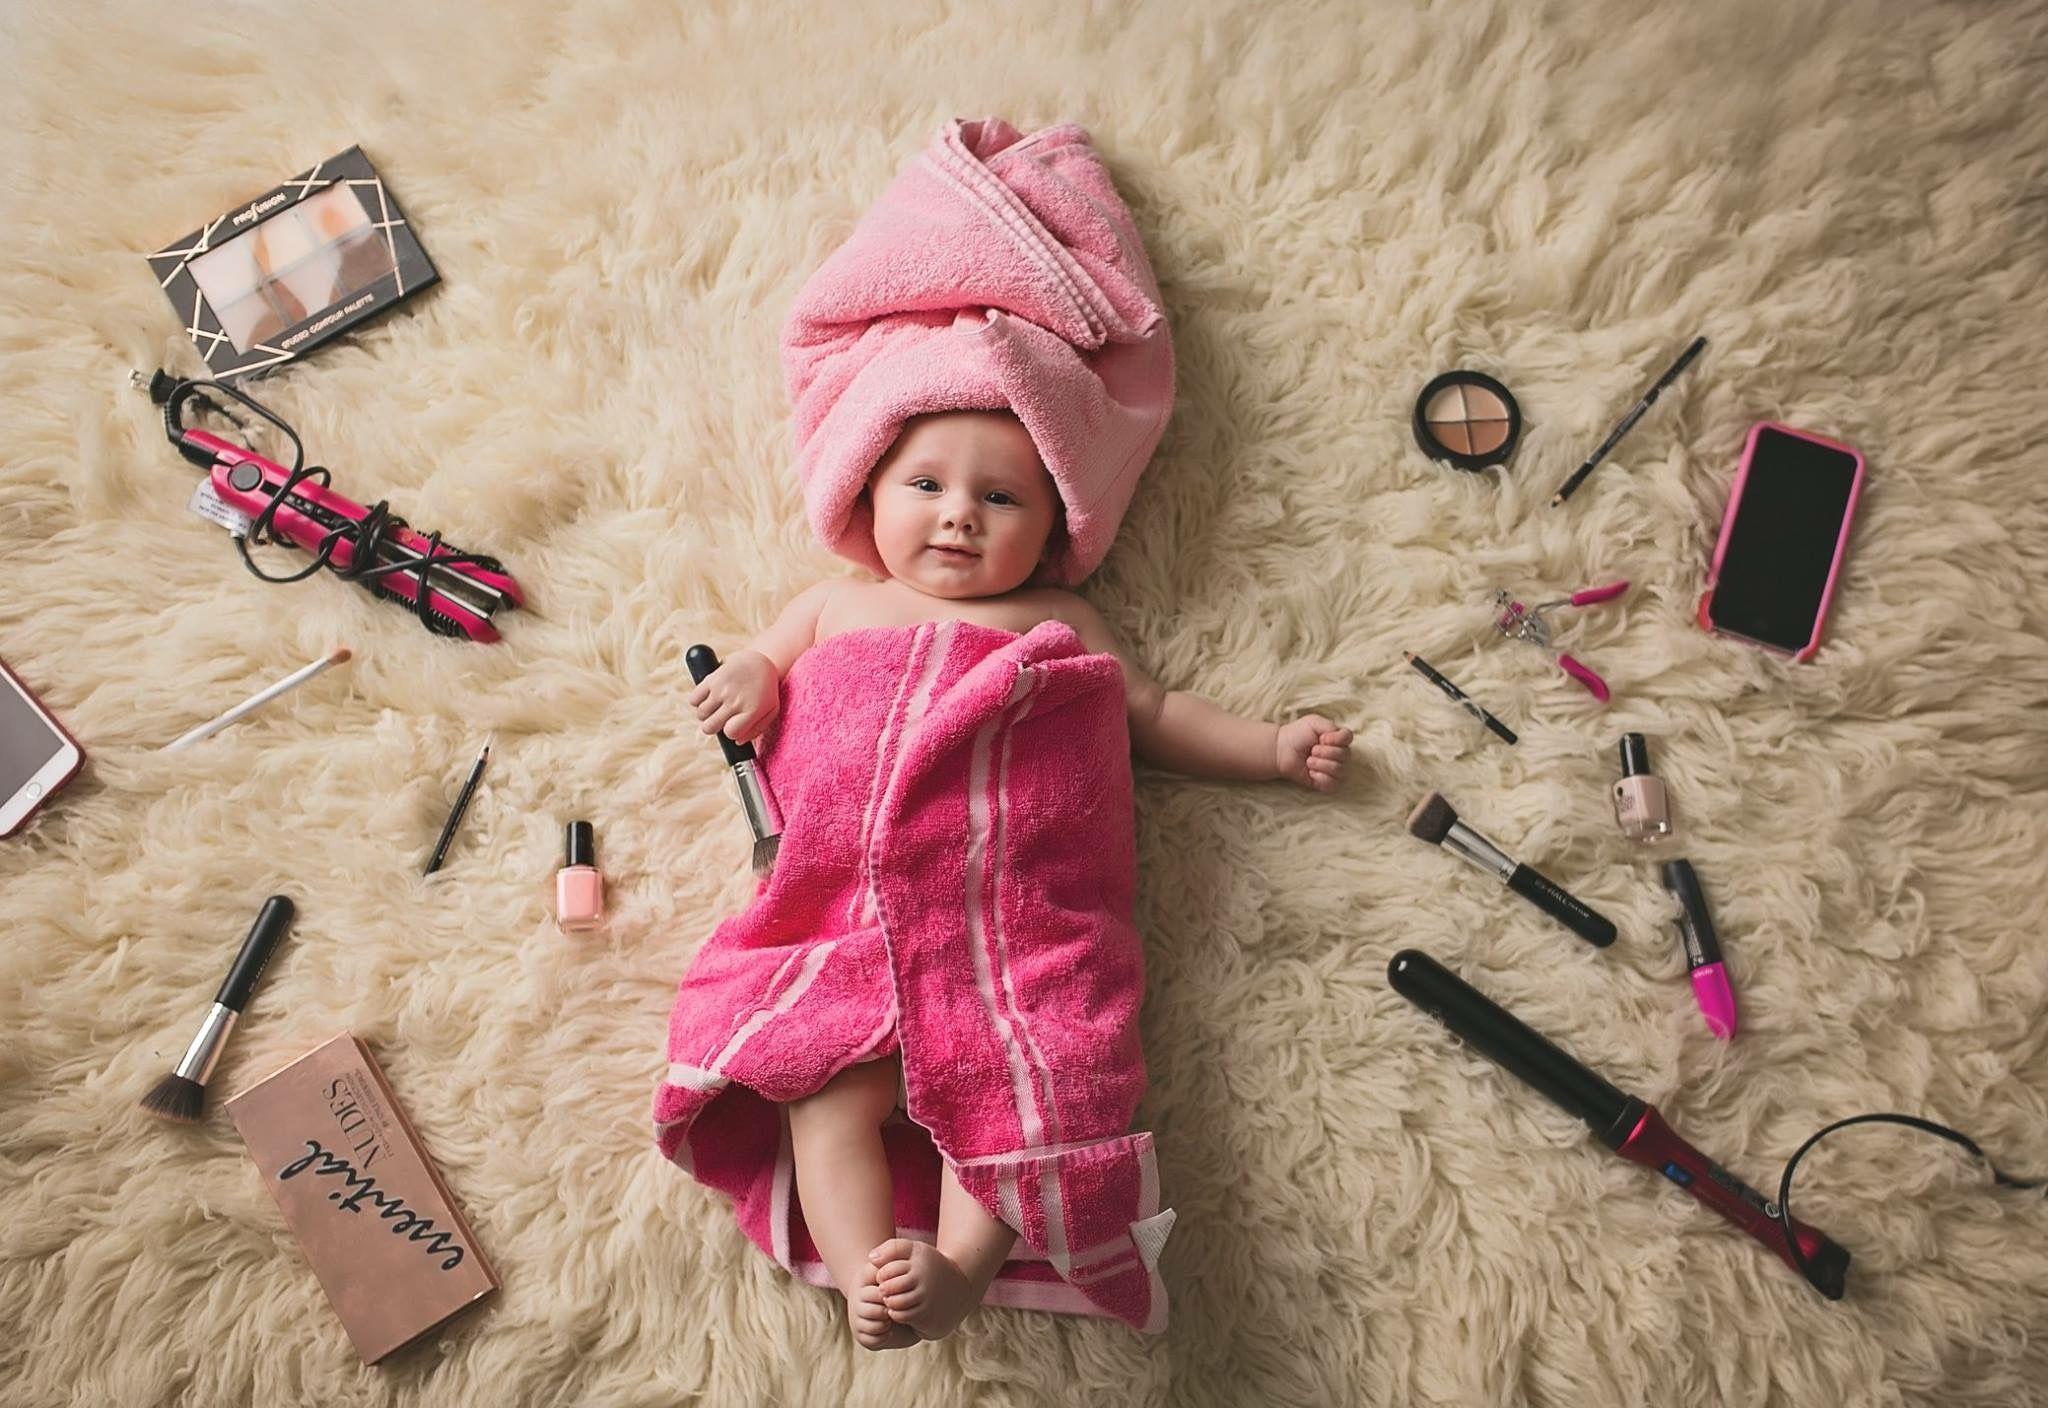 Tipps für ein Baby Fotoshooting zum selber machen